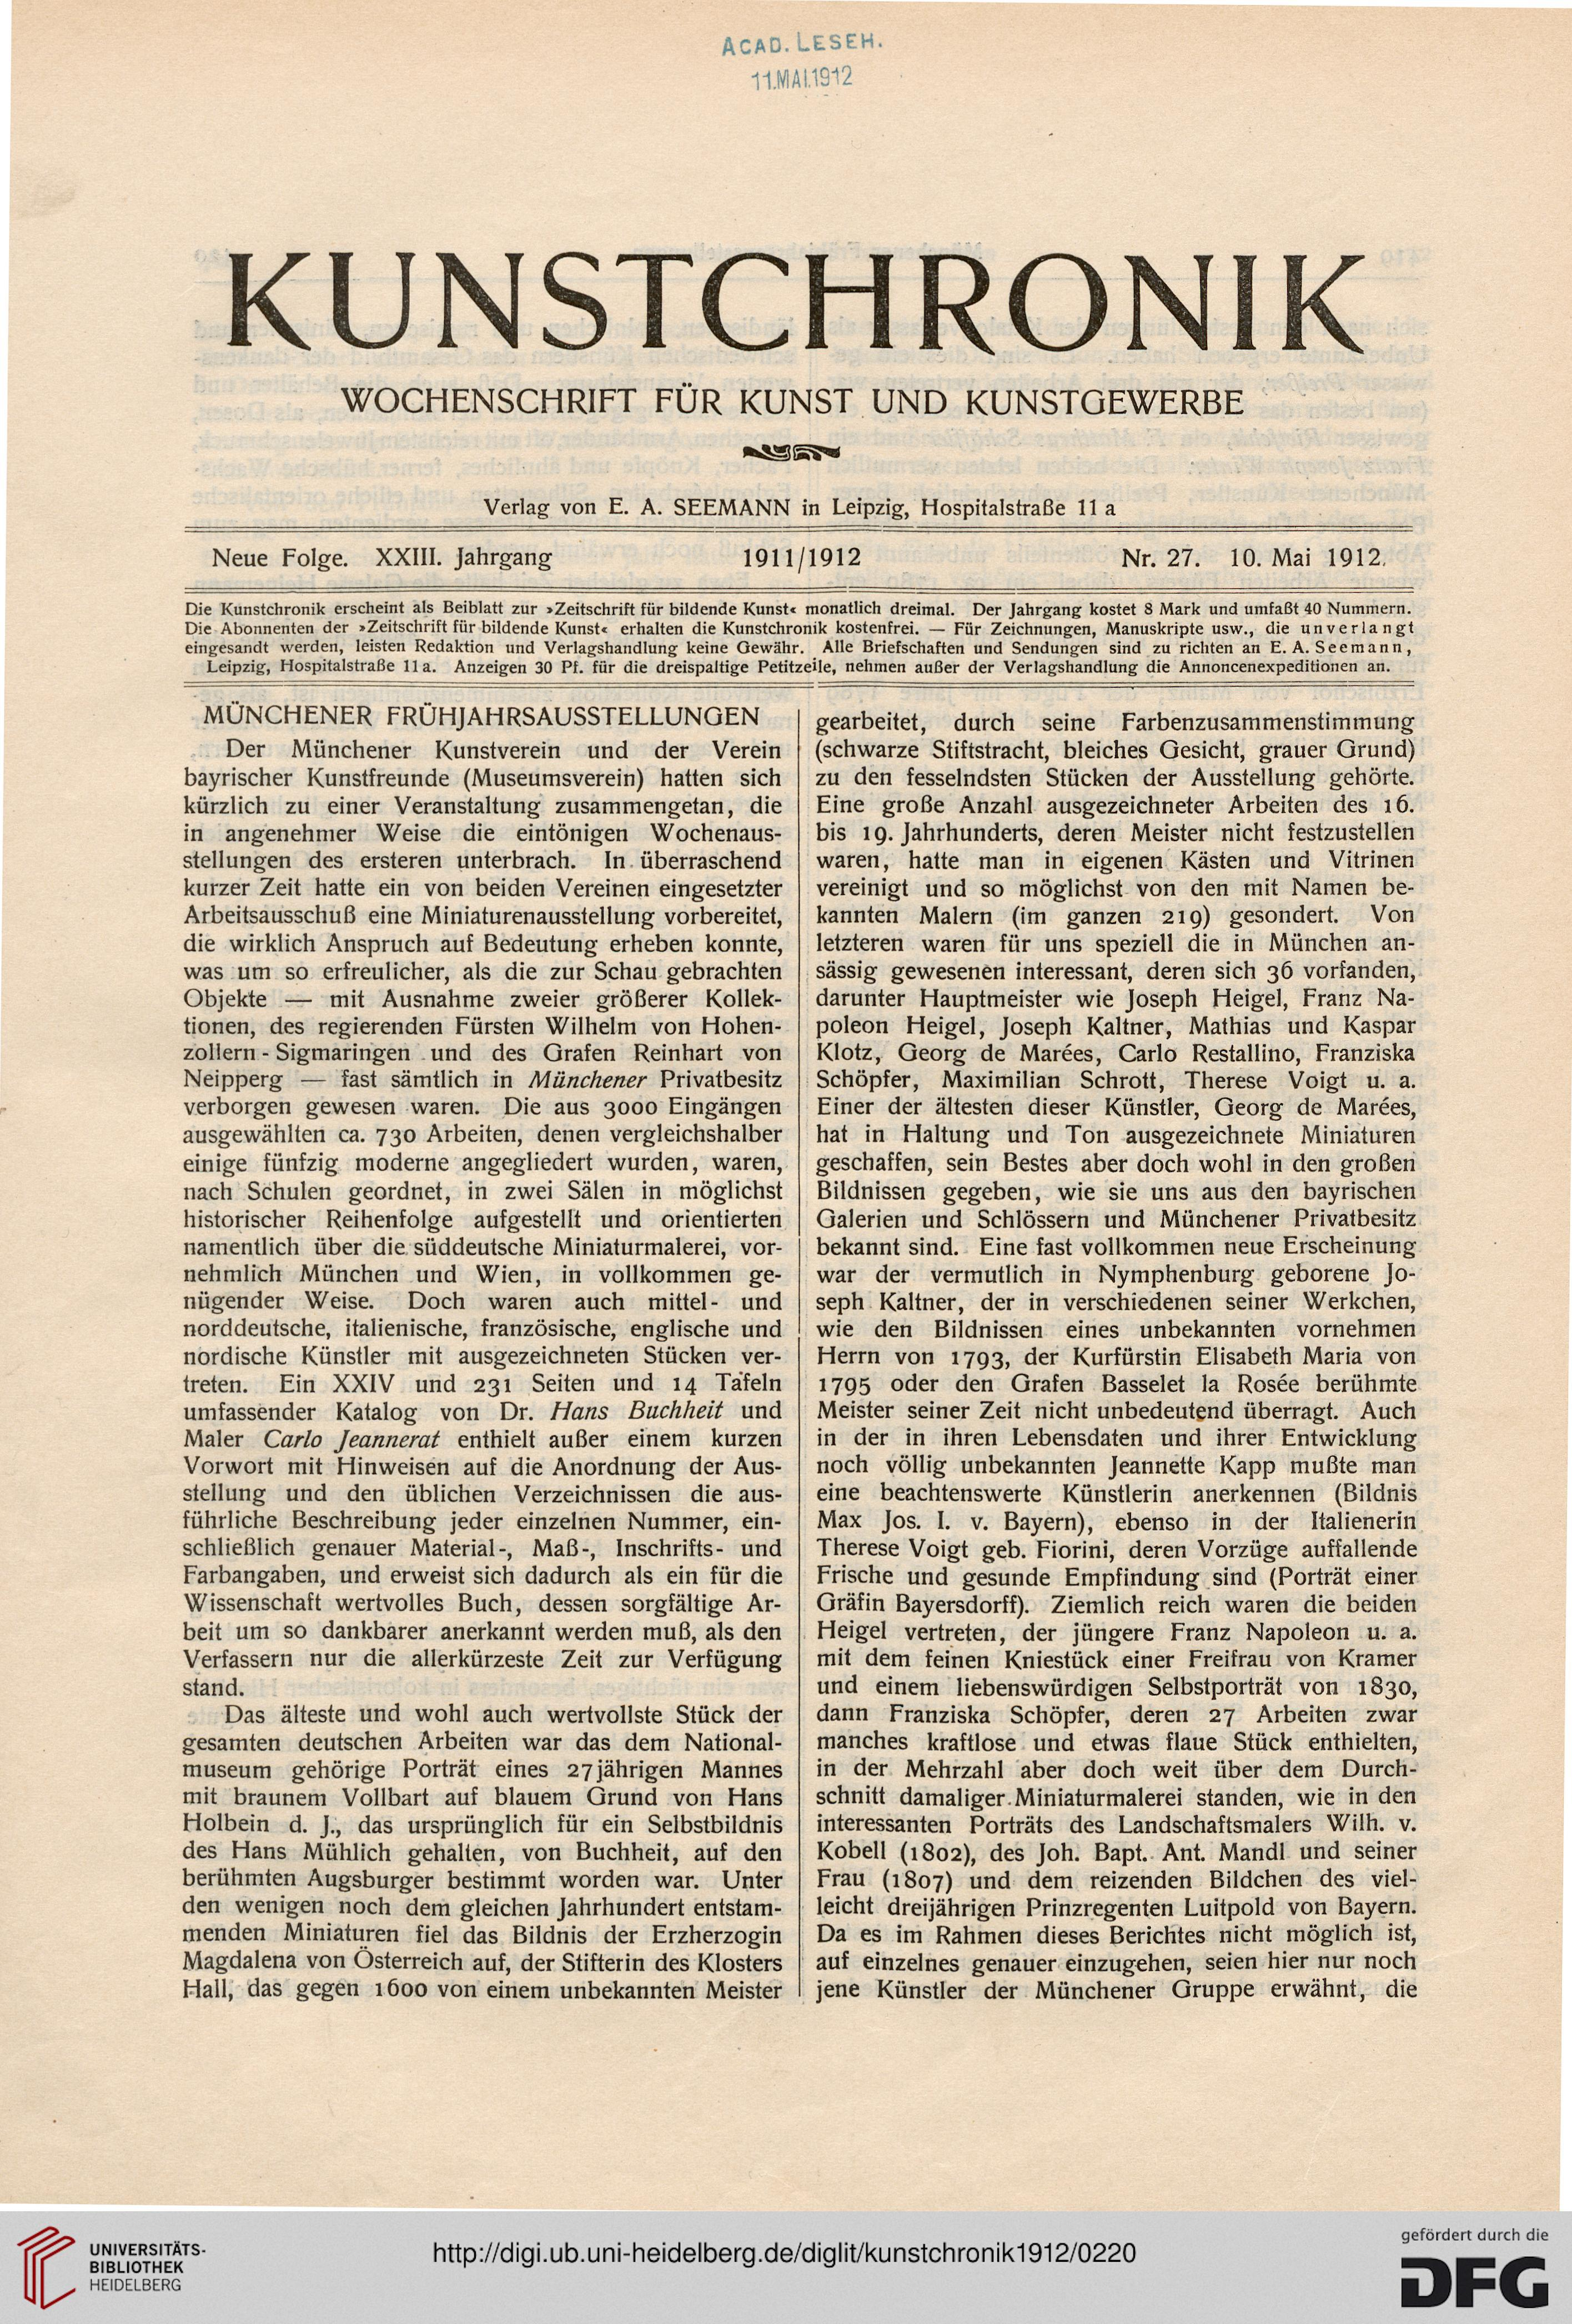 Kunstchronik: Wochenschrift für Kunst und Kunstgewerbe (N.F. 23.1912)